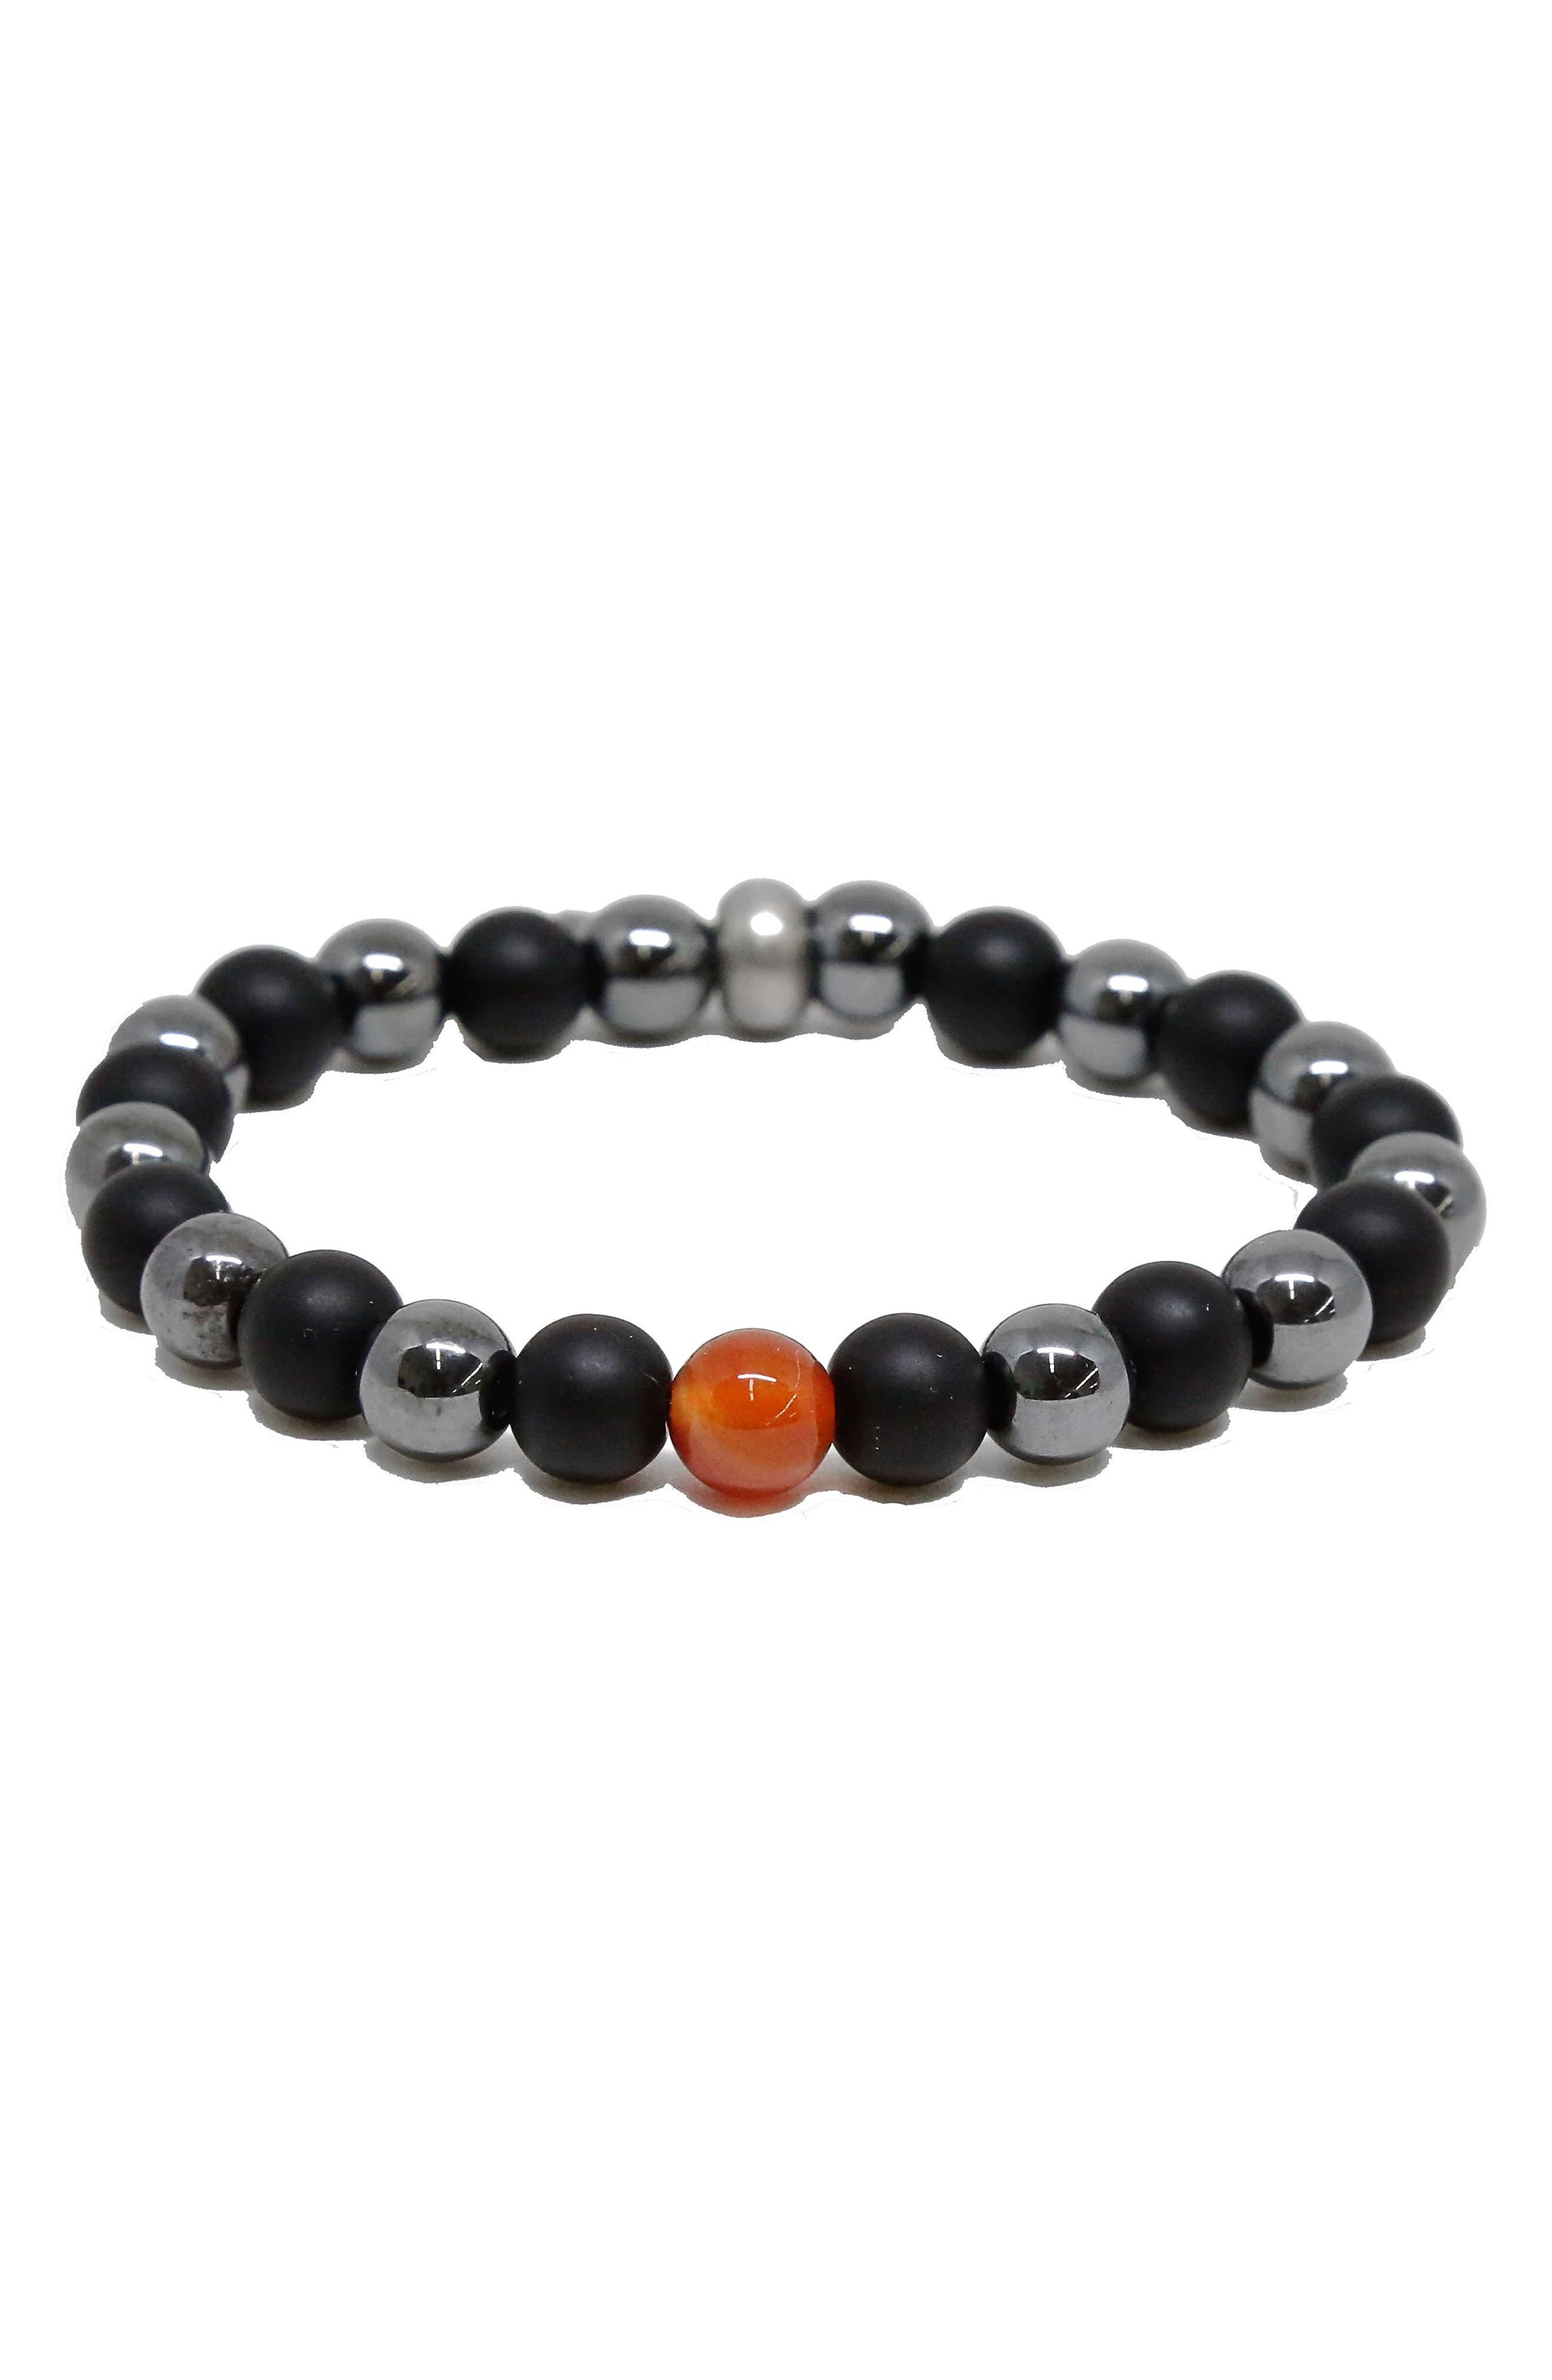 Stone Bead Bracelet,                             Main thumbnail 1, color,                             BLACK/ HEMATITE